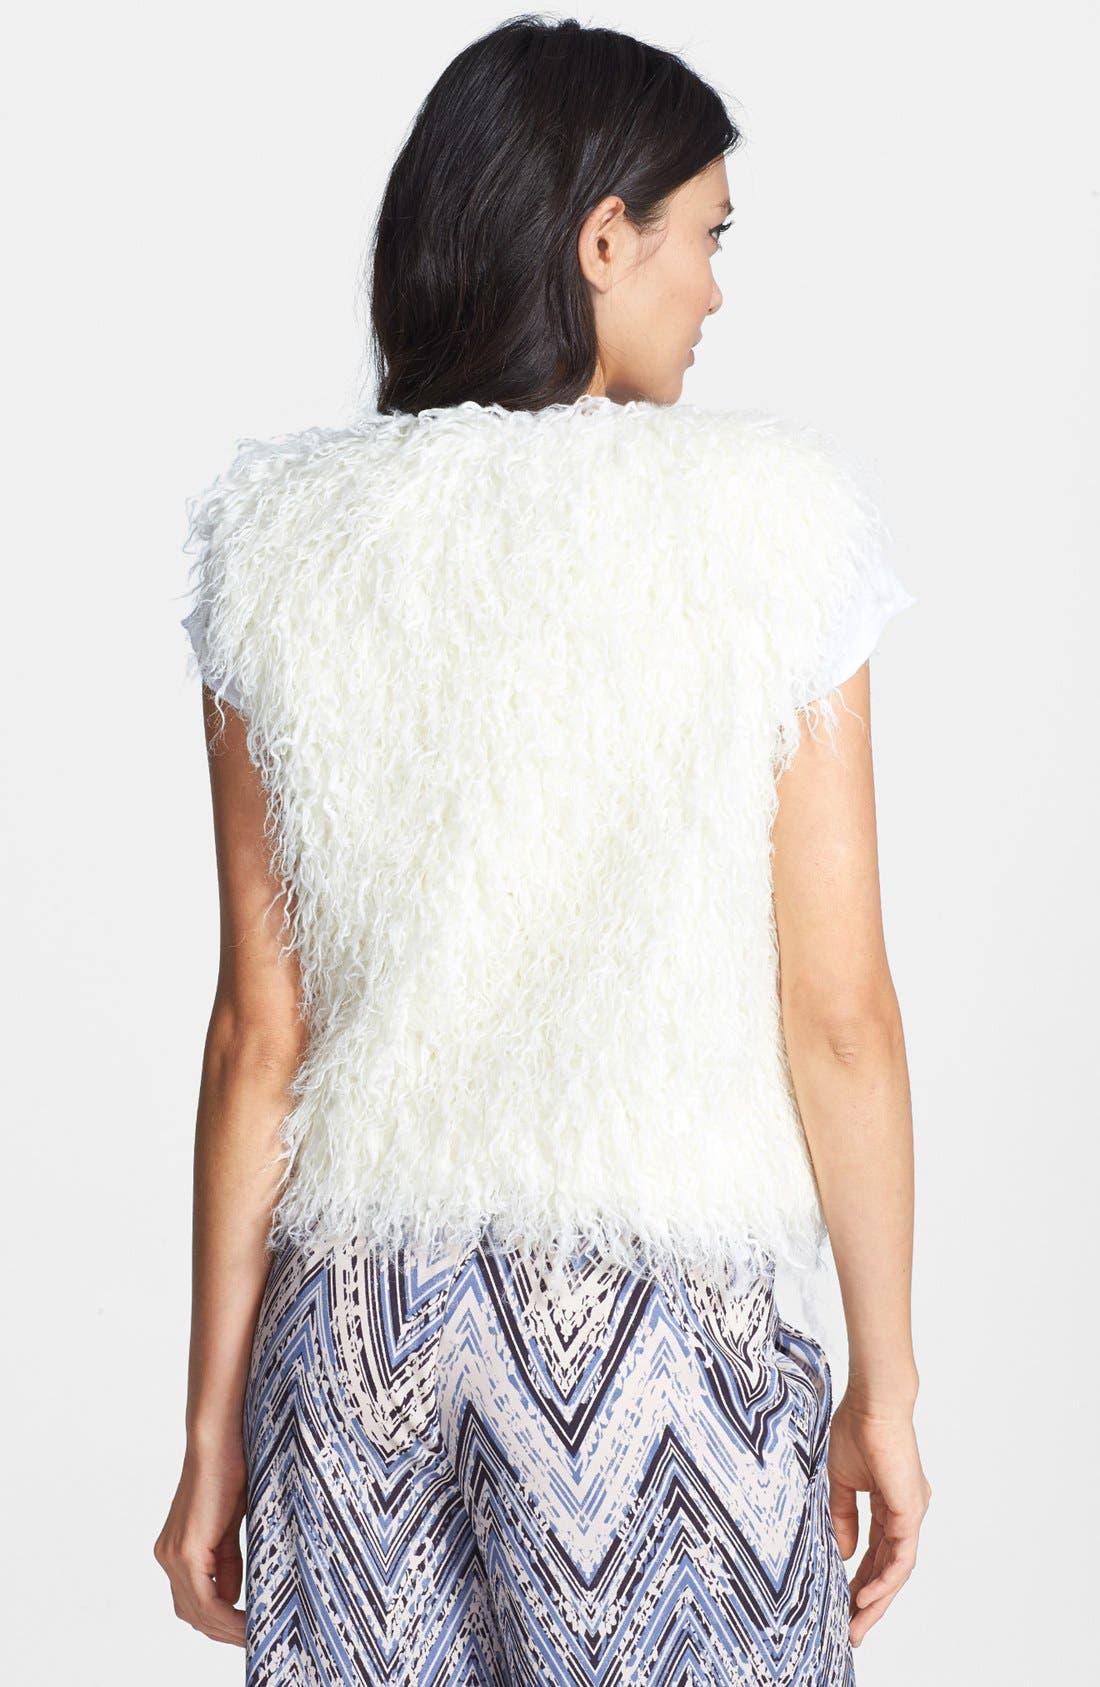 MURAL, Shaggy Faux Fur Vest, Alternate thumbnail 3, color, 110